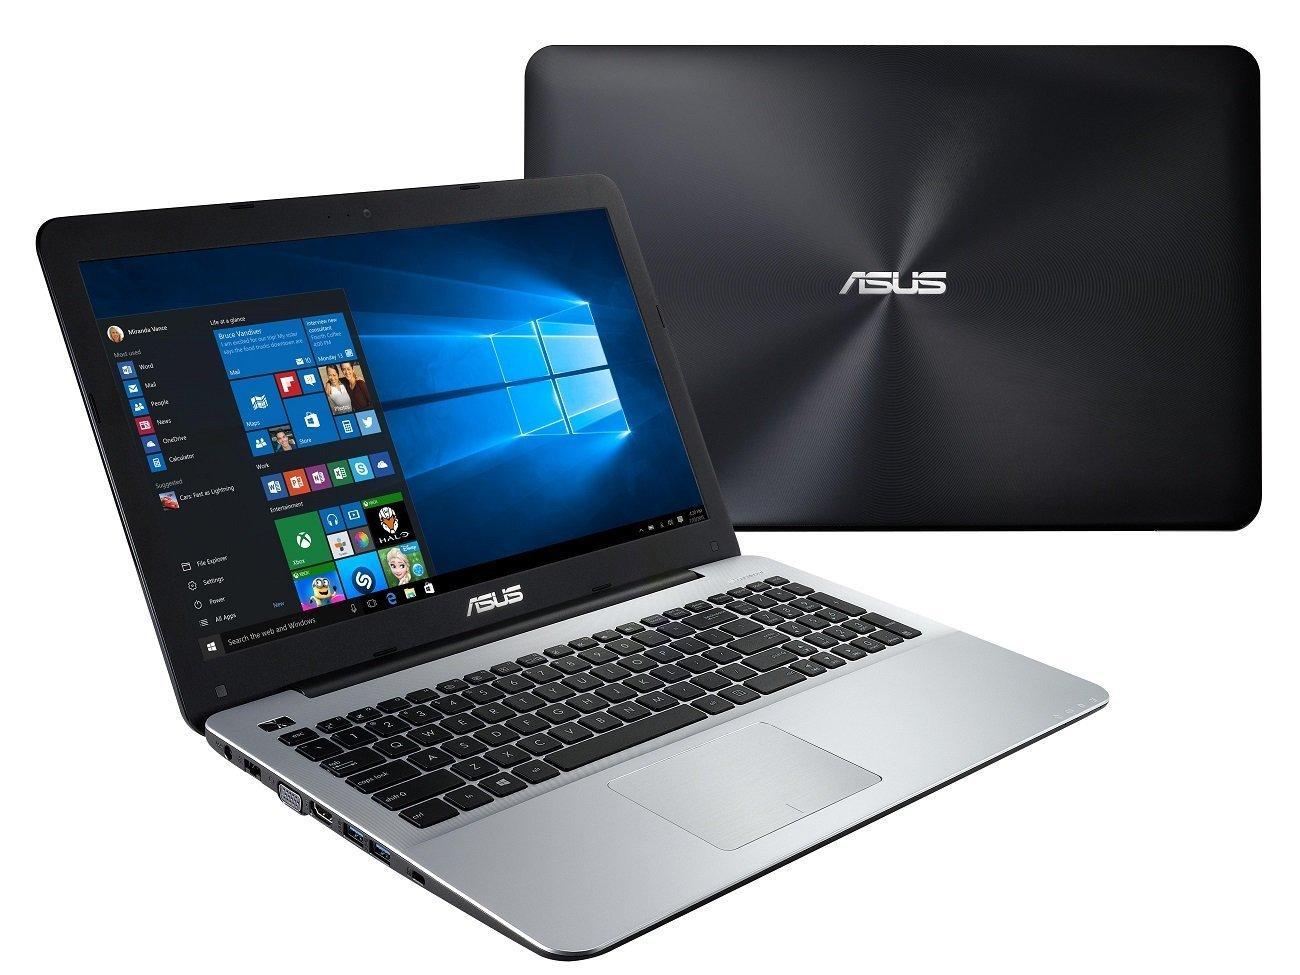 [Premium] PC Portable 15,6'' Asus F555UB-XO043T - HD, i5 6200 U, RAM 8 Go, 1 To, 940M, Qwertz